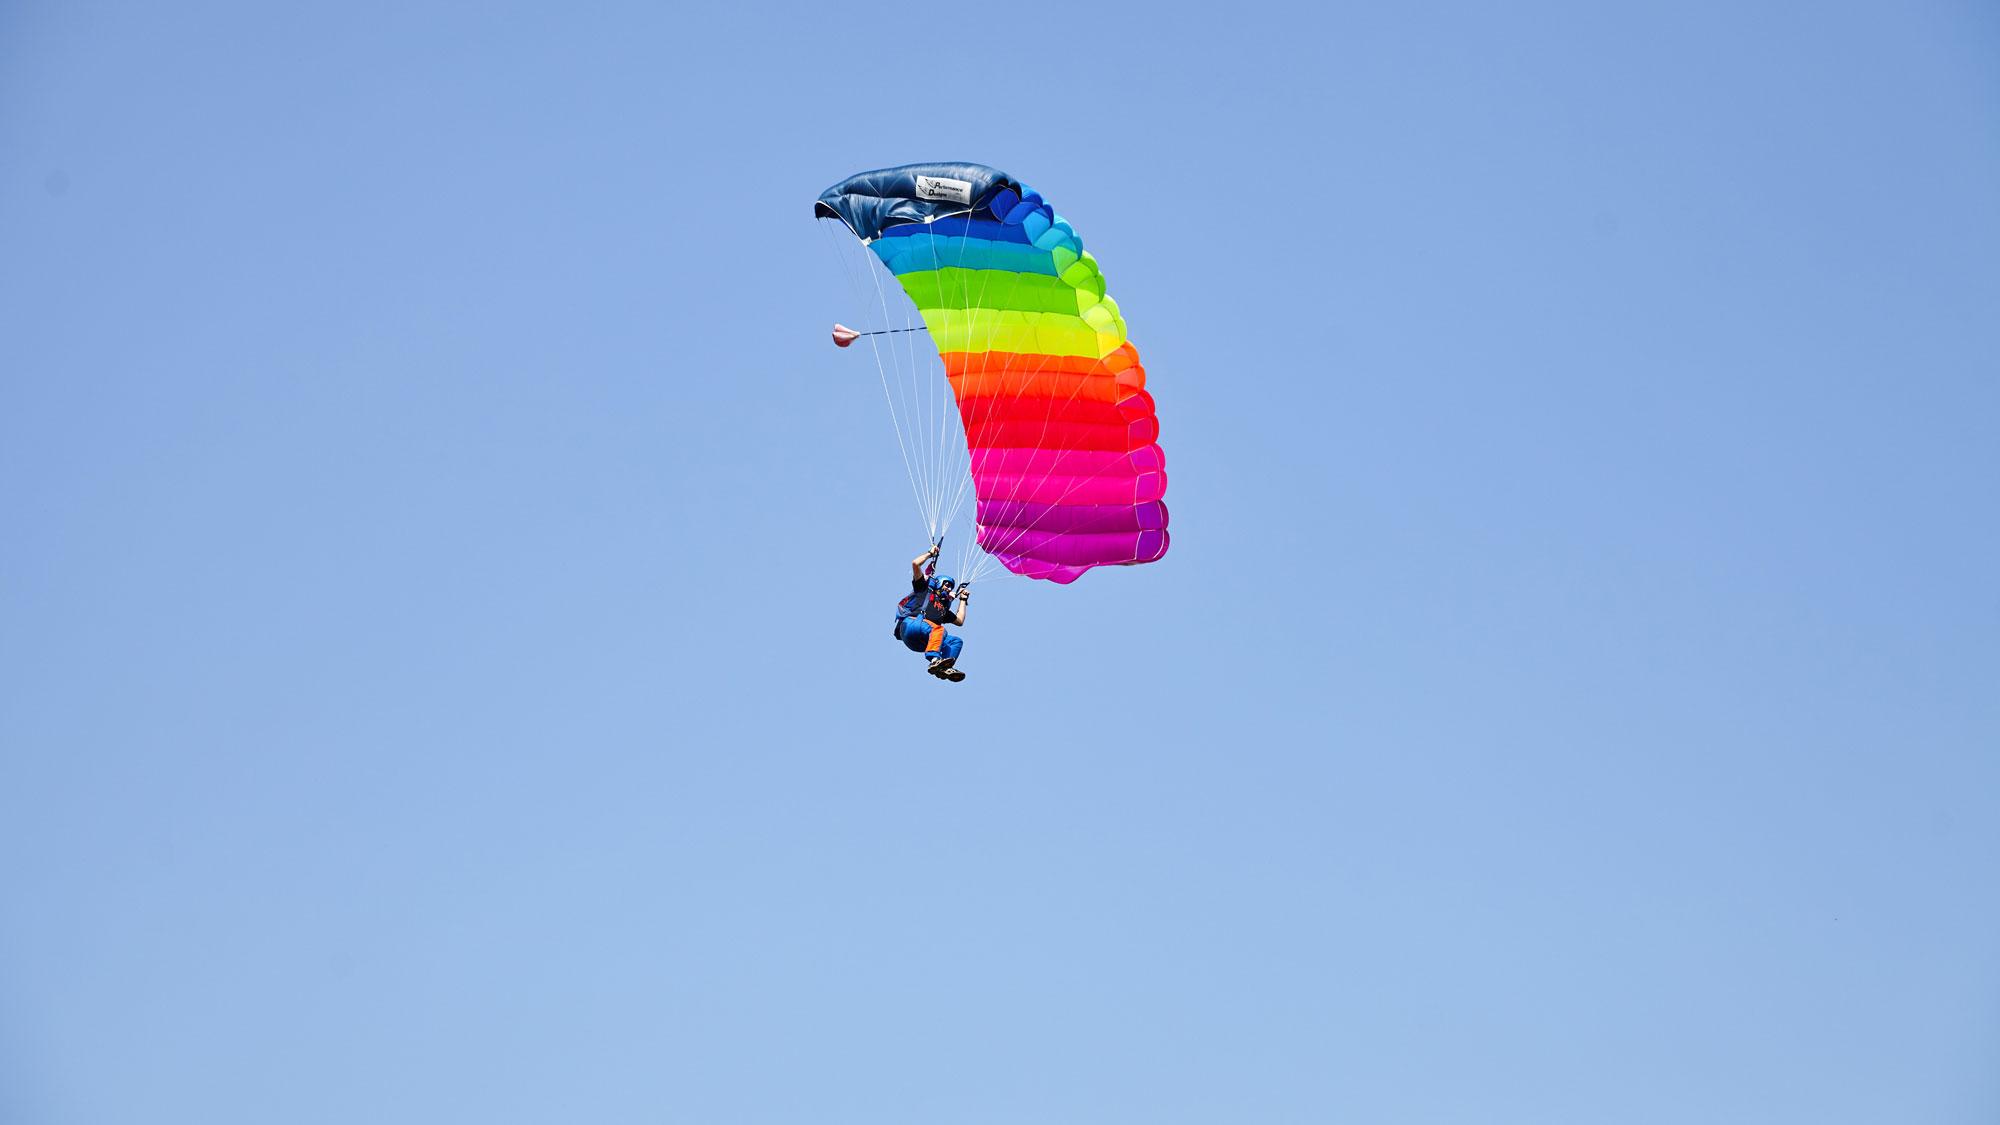 Fallschirmspringen lernen bei uns im Kurs ab 219 €